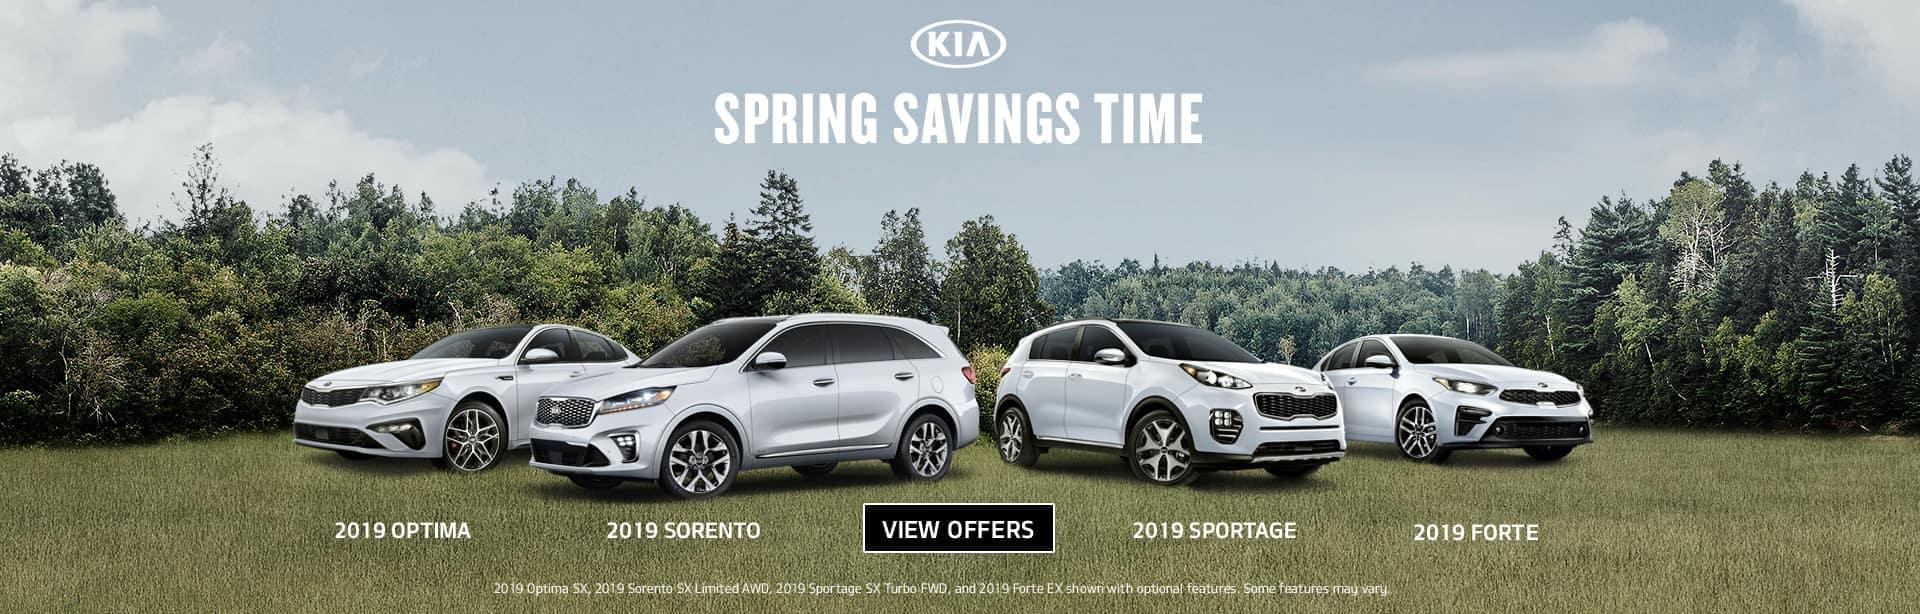 Spring Savings Time desktop